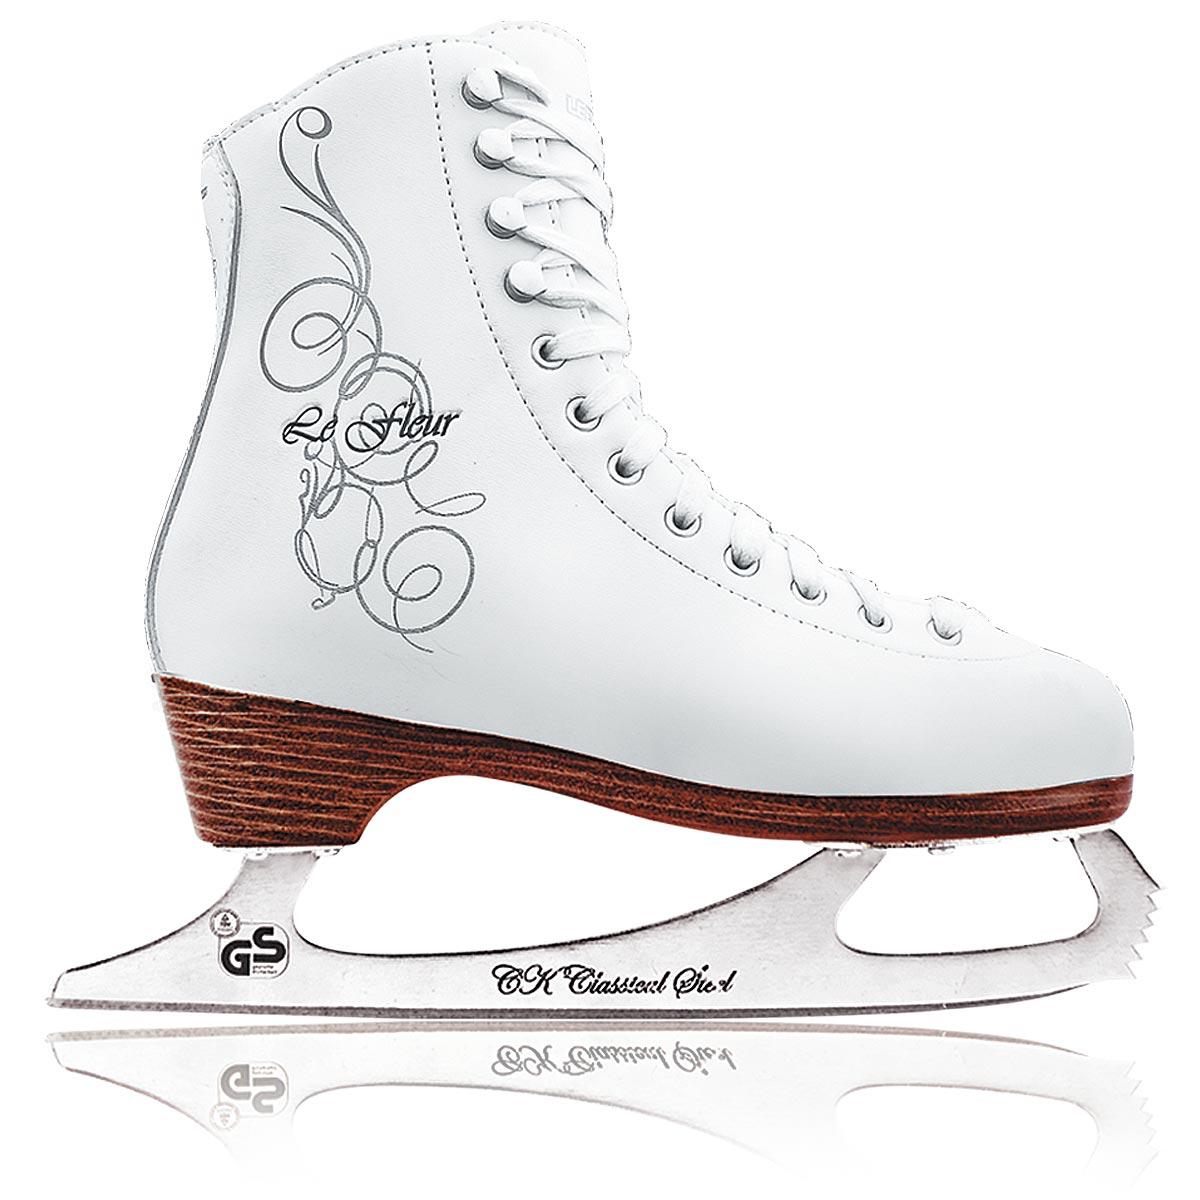 Коньки фигурные женские СК Le Fleur Leather 100%, цвет: белый, серебряный. Размер 38LE FLEUR leather 100_белый, серебряный_38